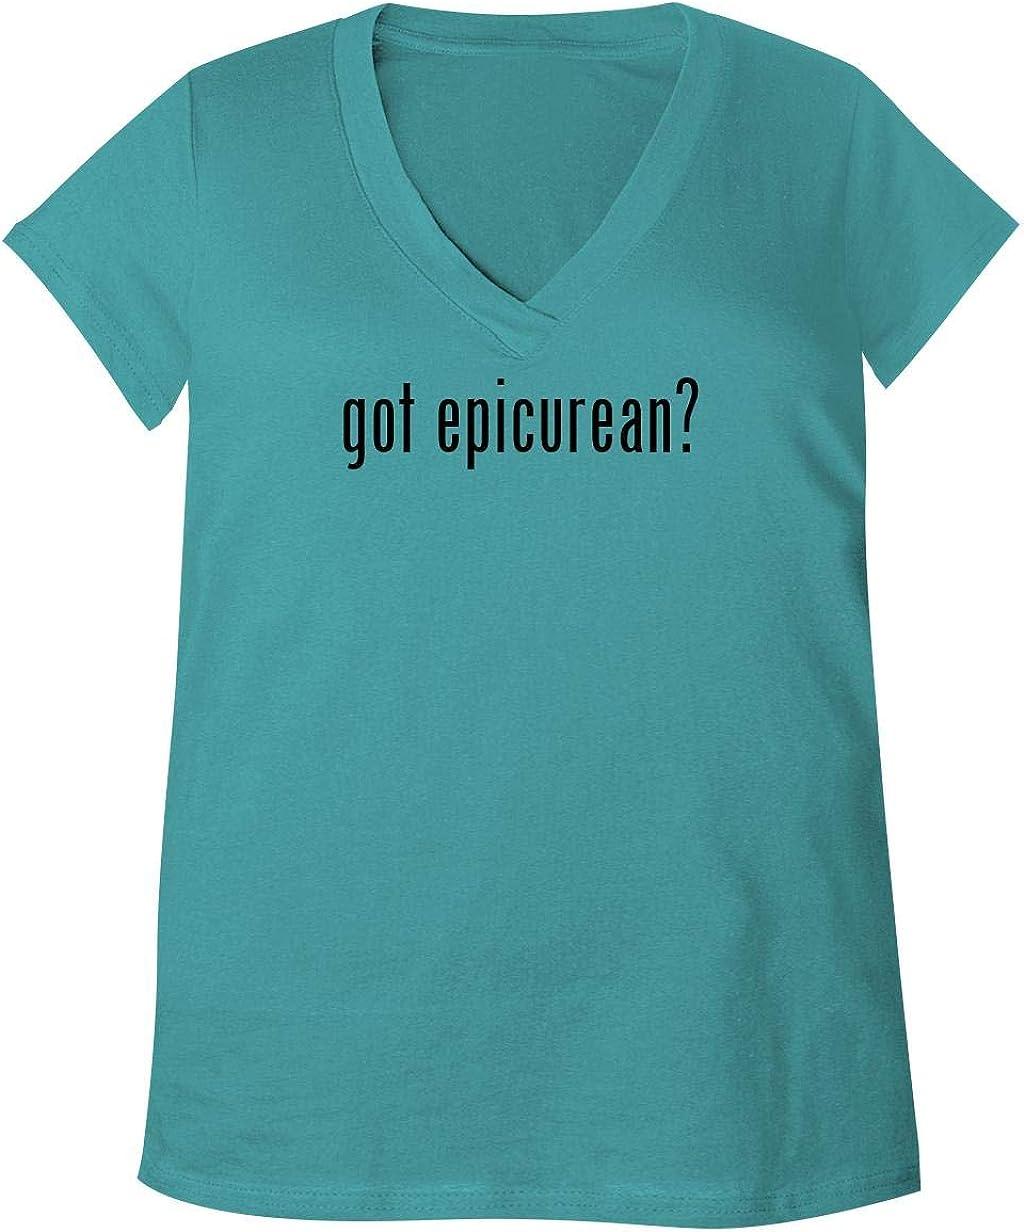 got Epicurean? - Adult Bella + Canvas B6035 Women's V-Neck T-Shirt